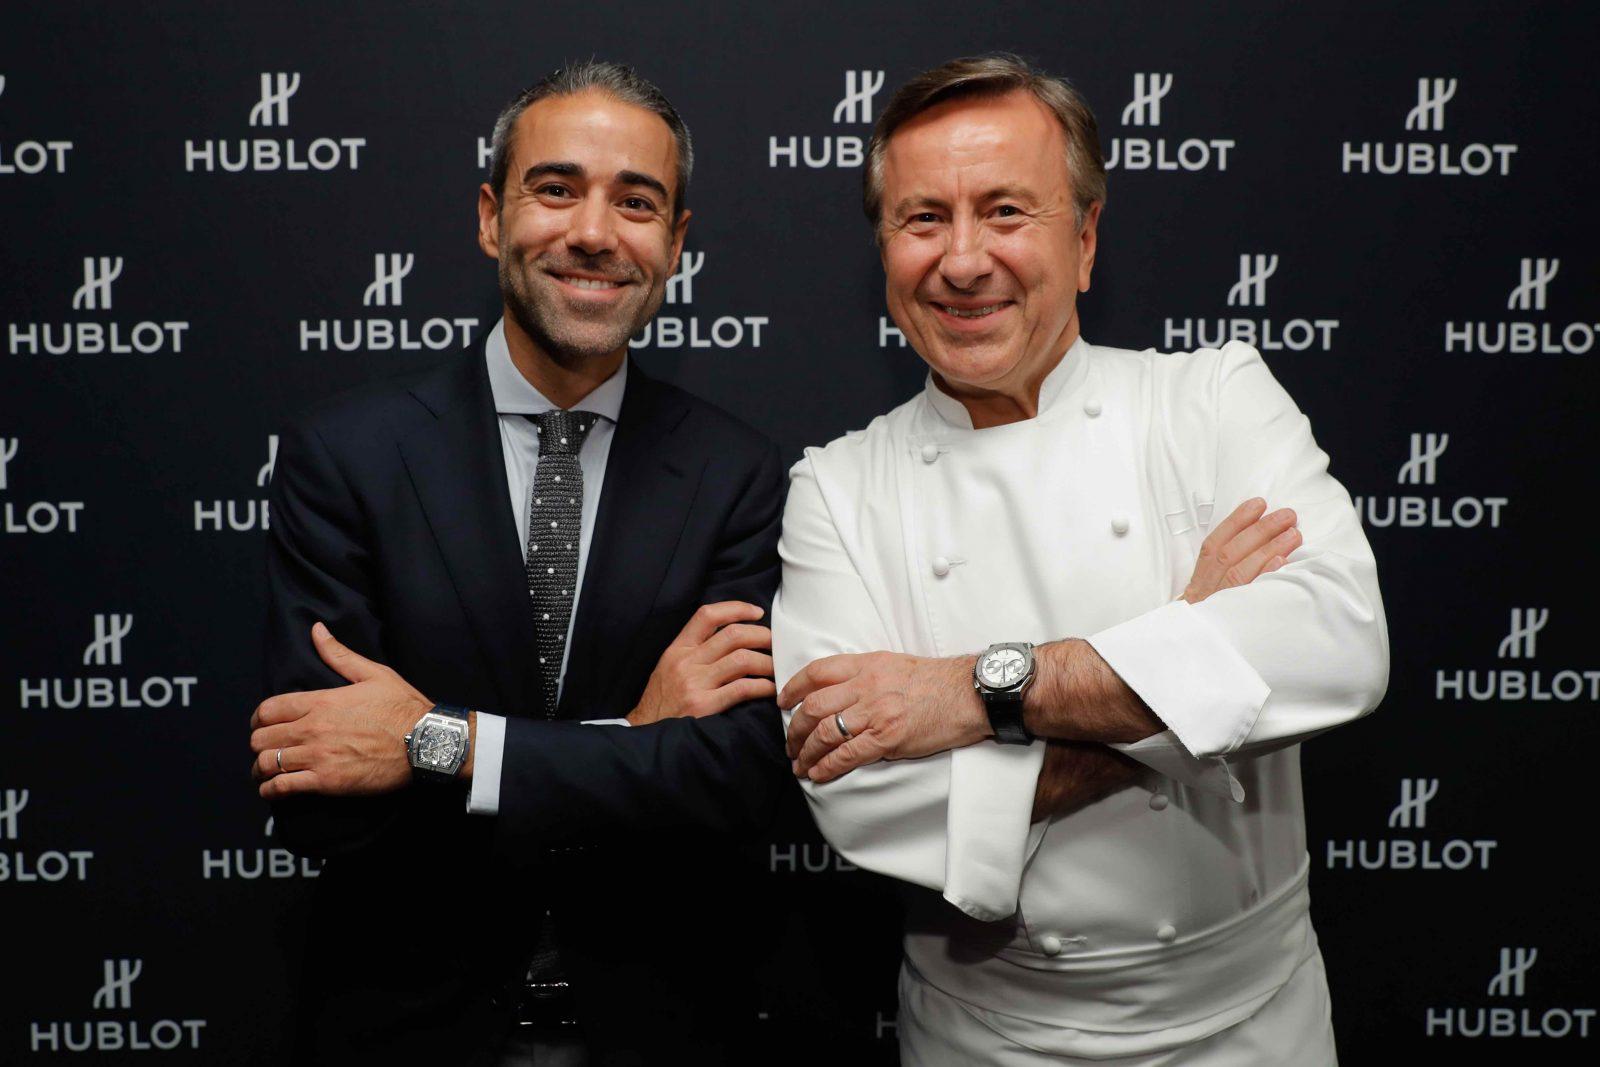 Jean-François Sberro and Chef Daniel Boulud